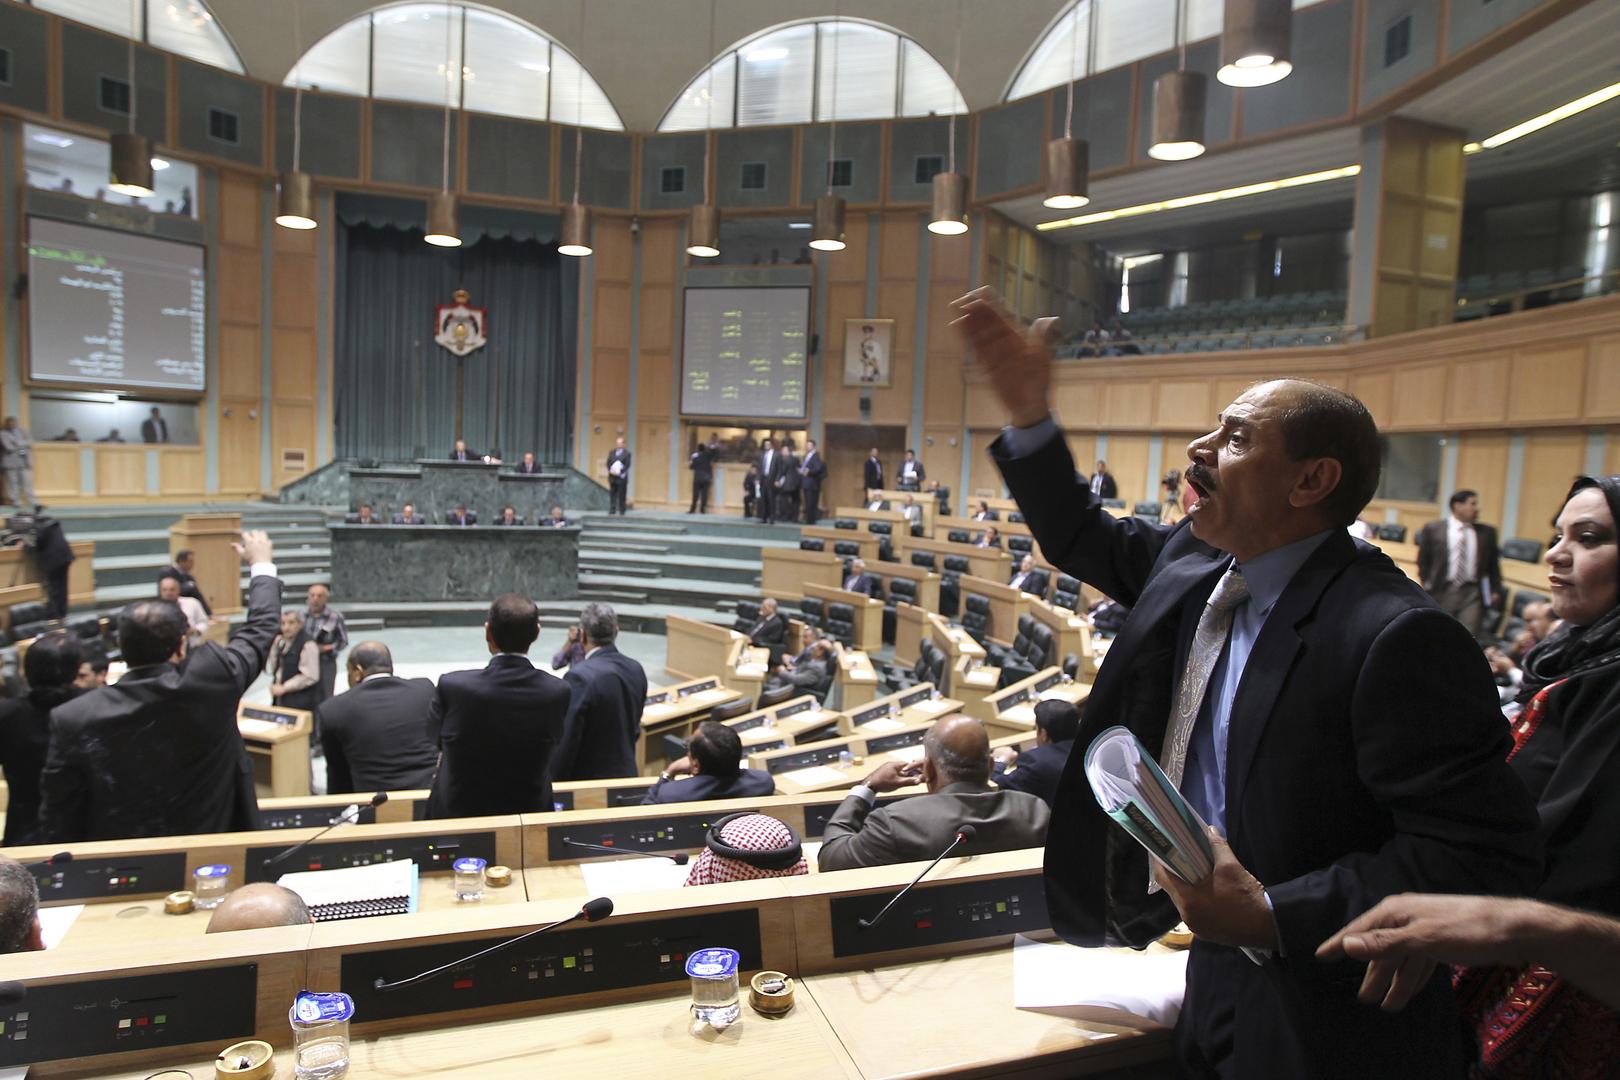 لقطات لجدل ومشادات داخل مجلس النواب الأردني